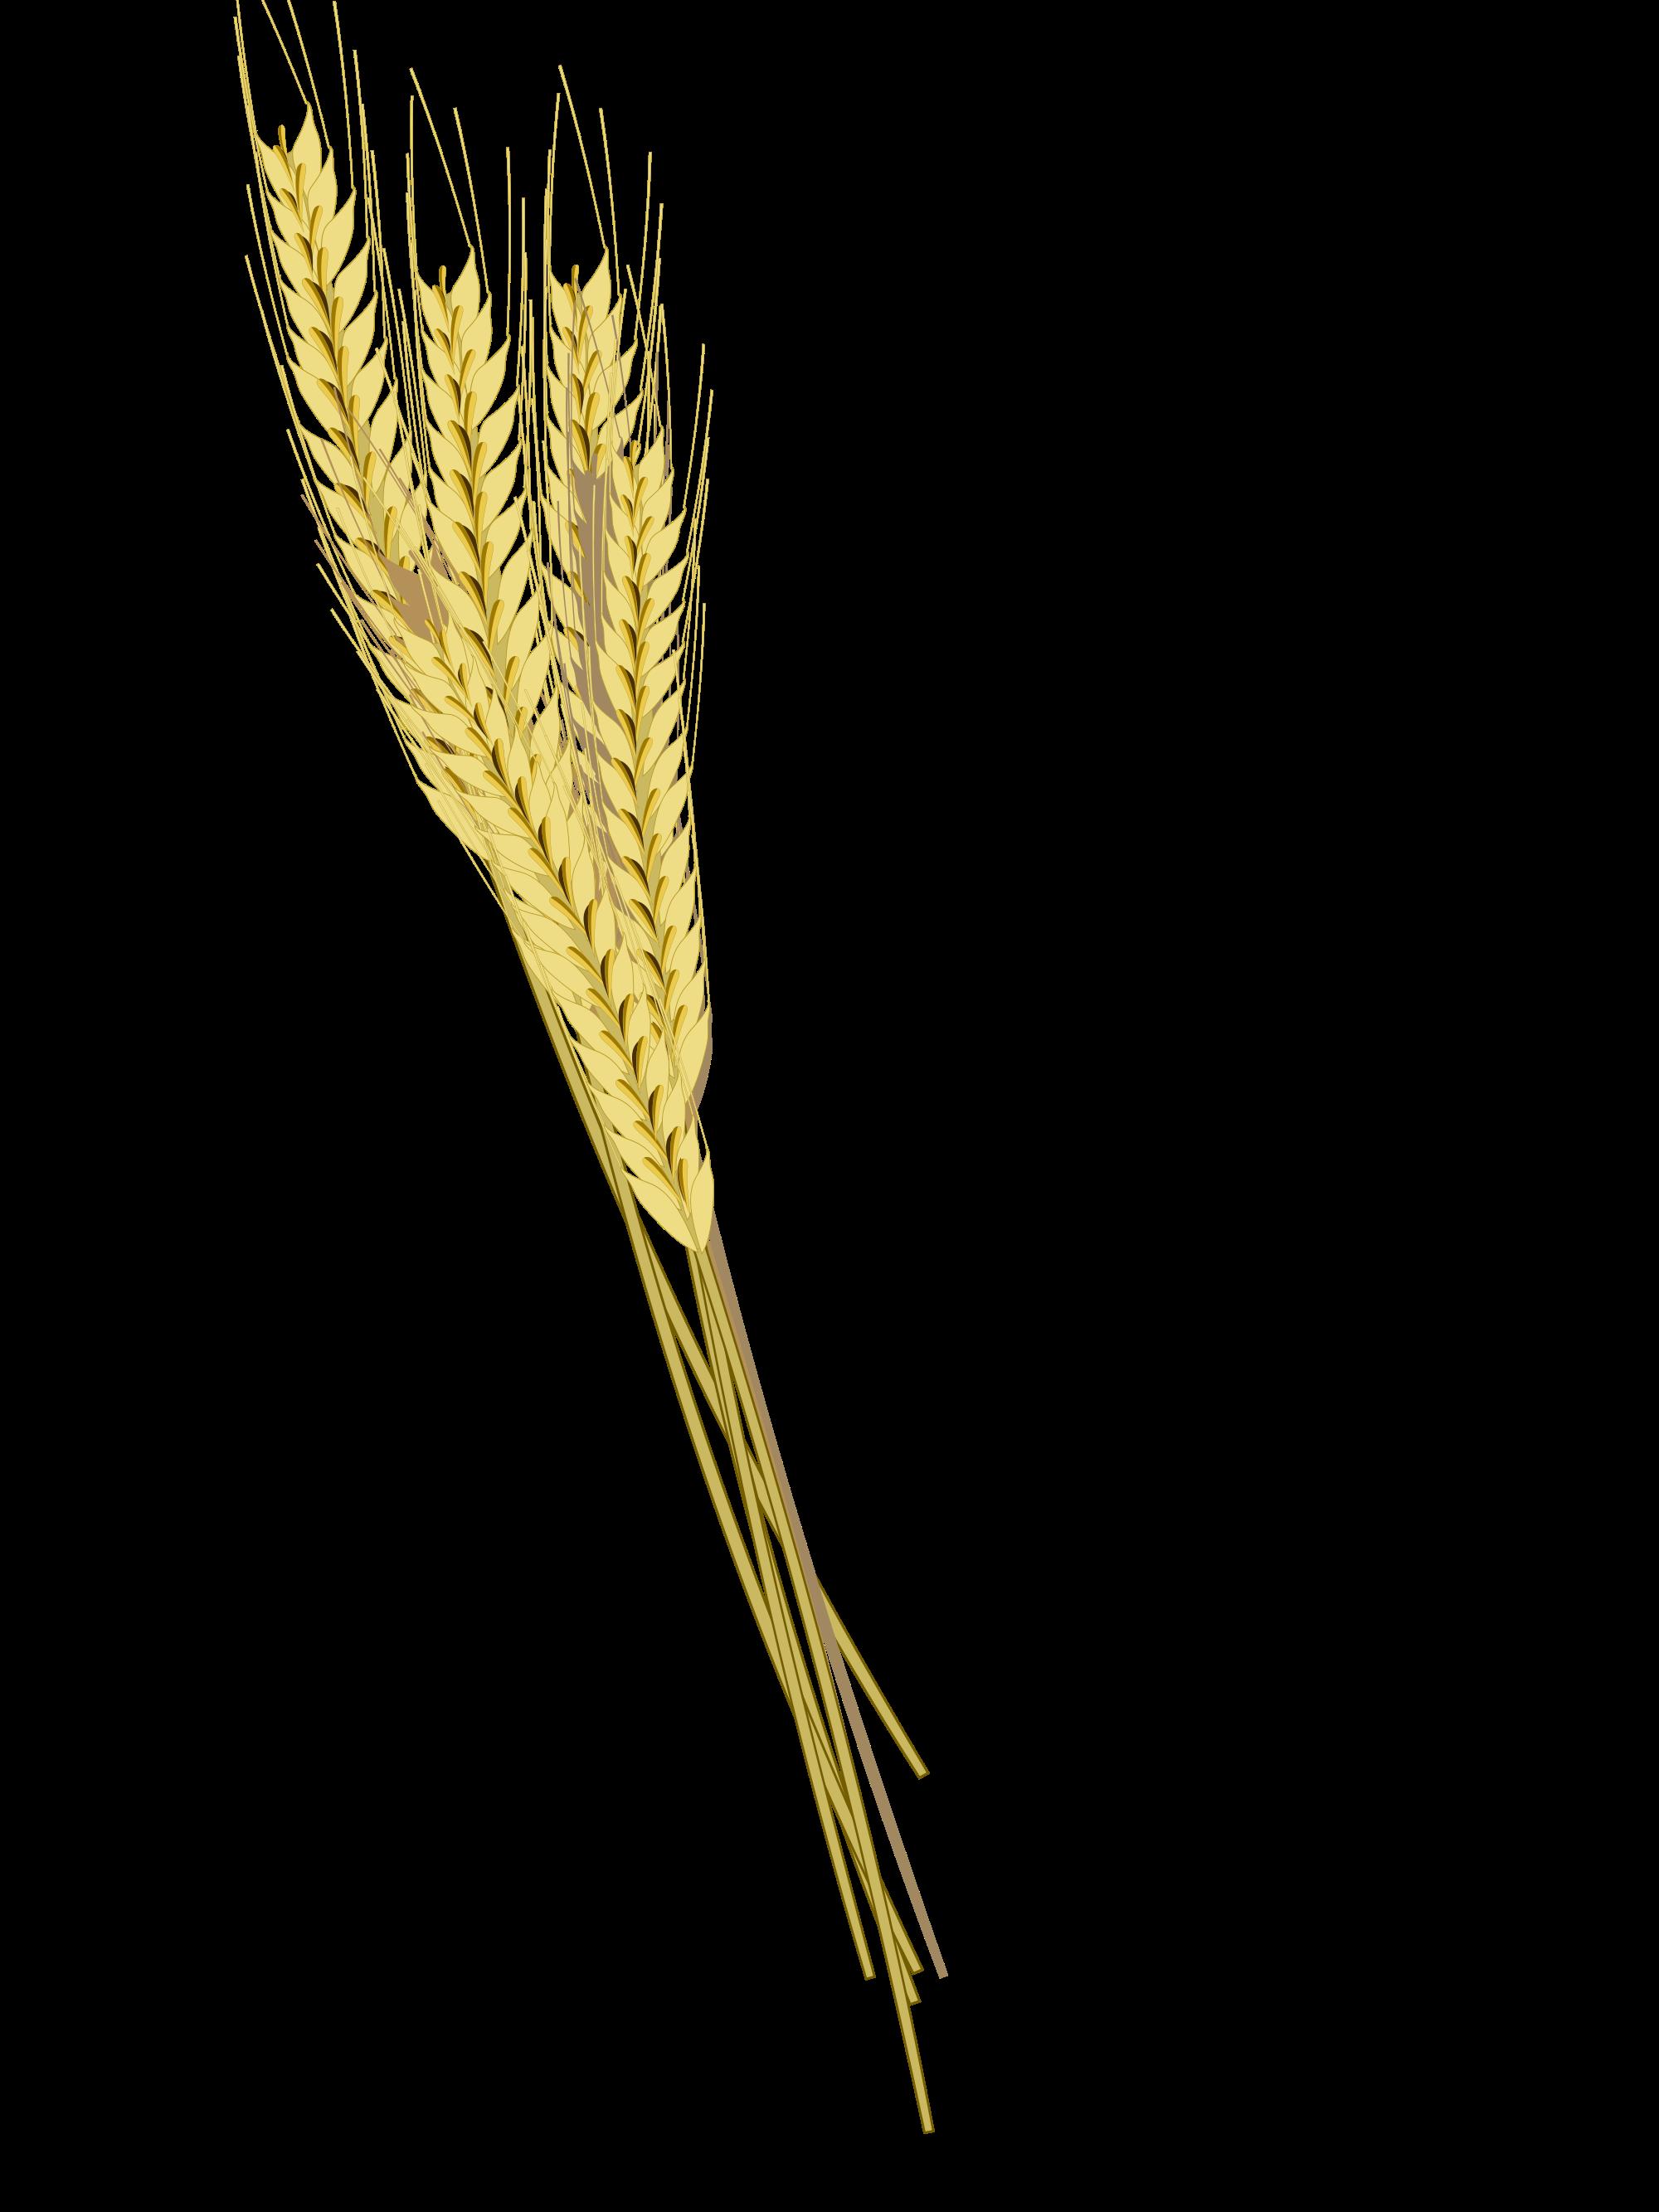 Barley PNG Photos SVG Clip arts